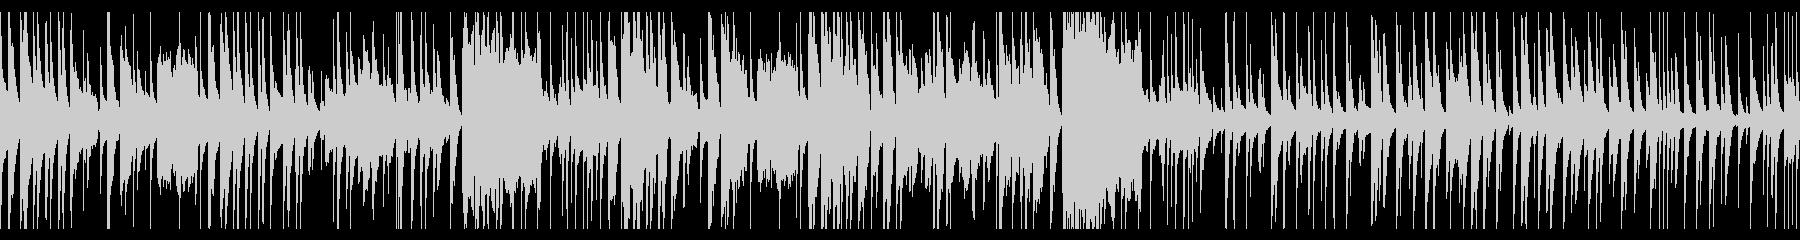 マリンバの可愛いジャズブルースの未再生の波形